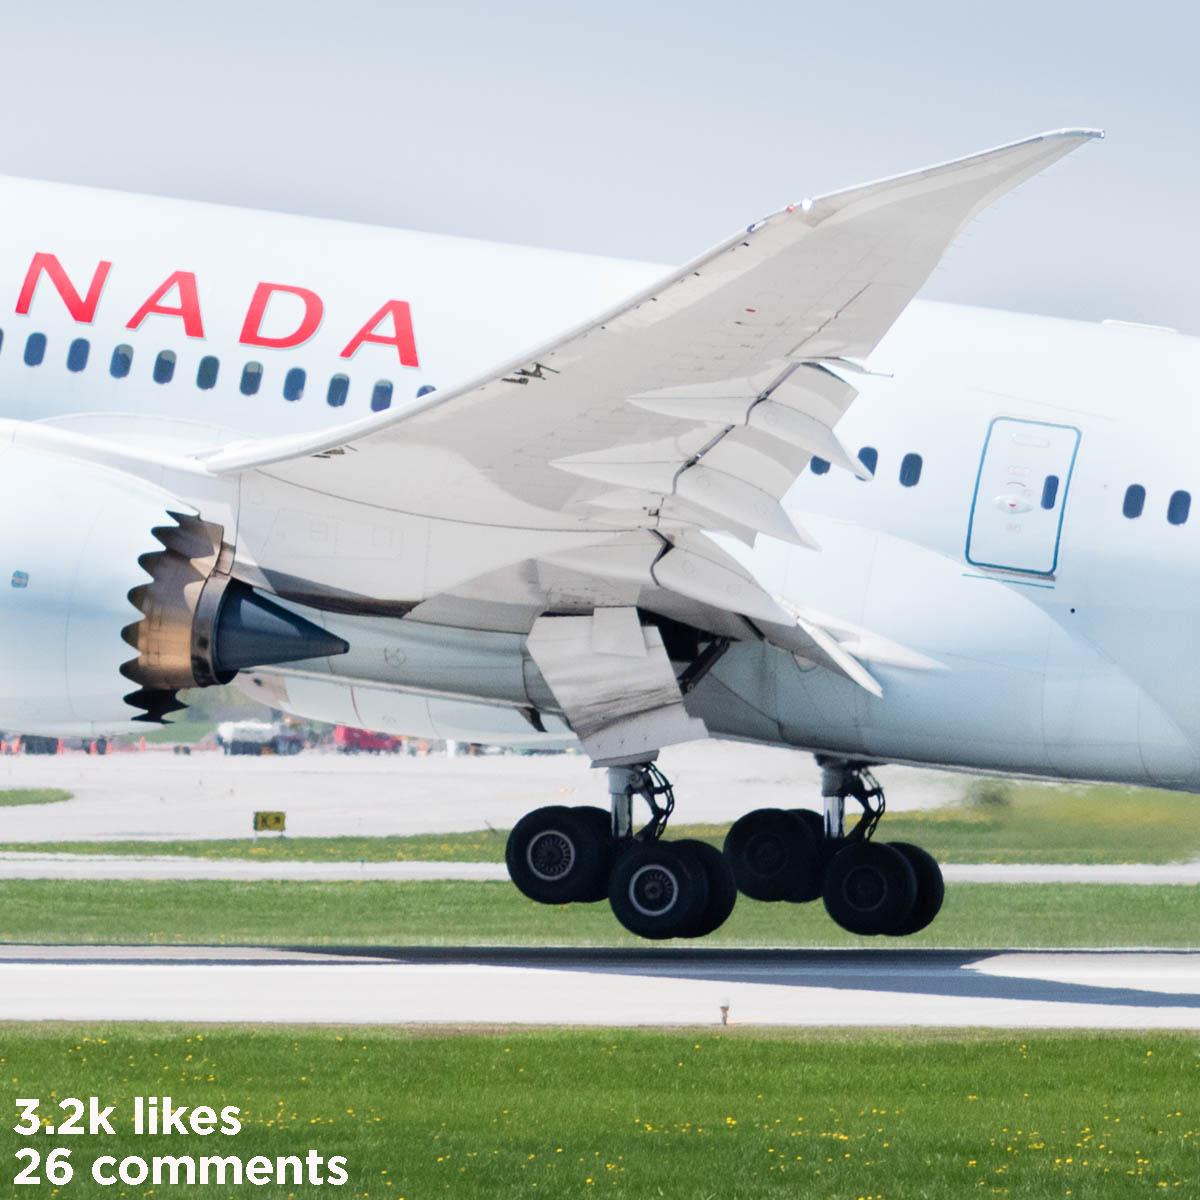 ac 787 nada take off (1 of 1).jpg